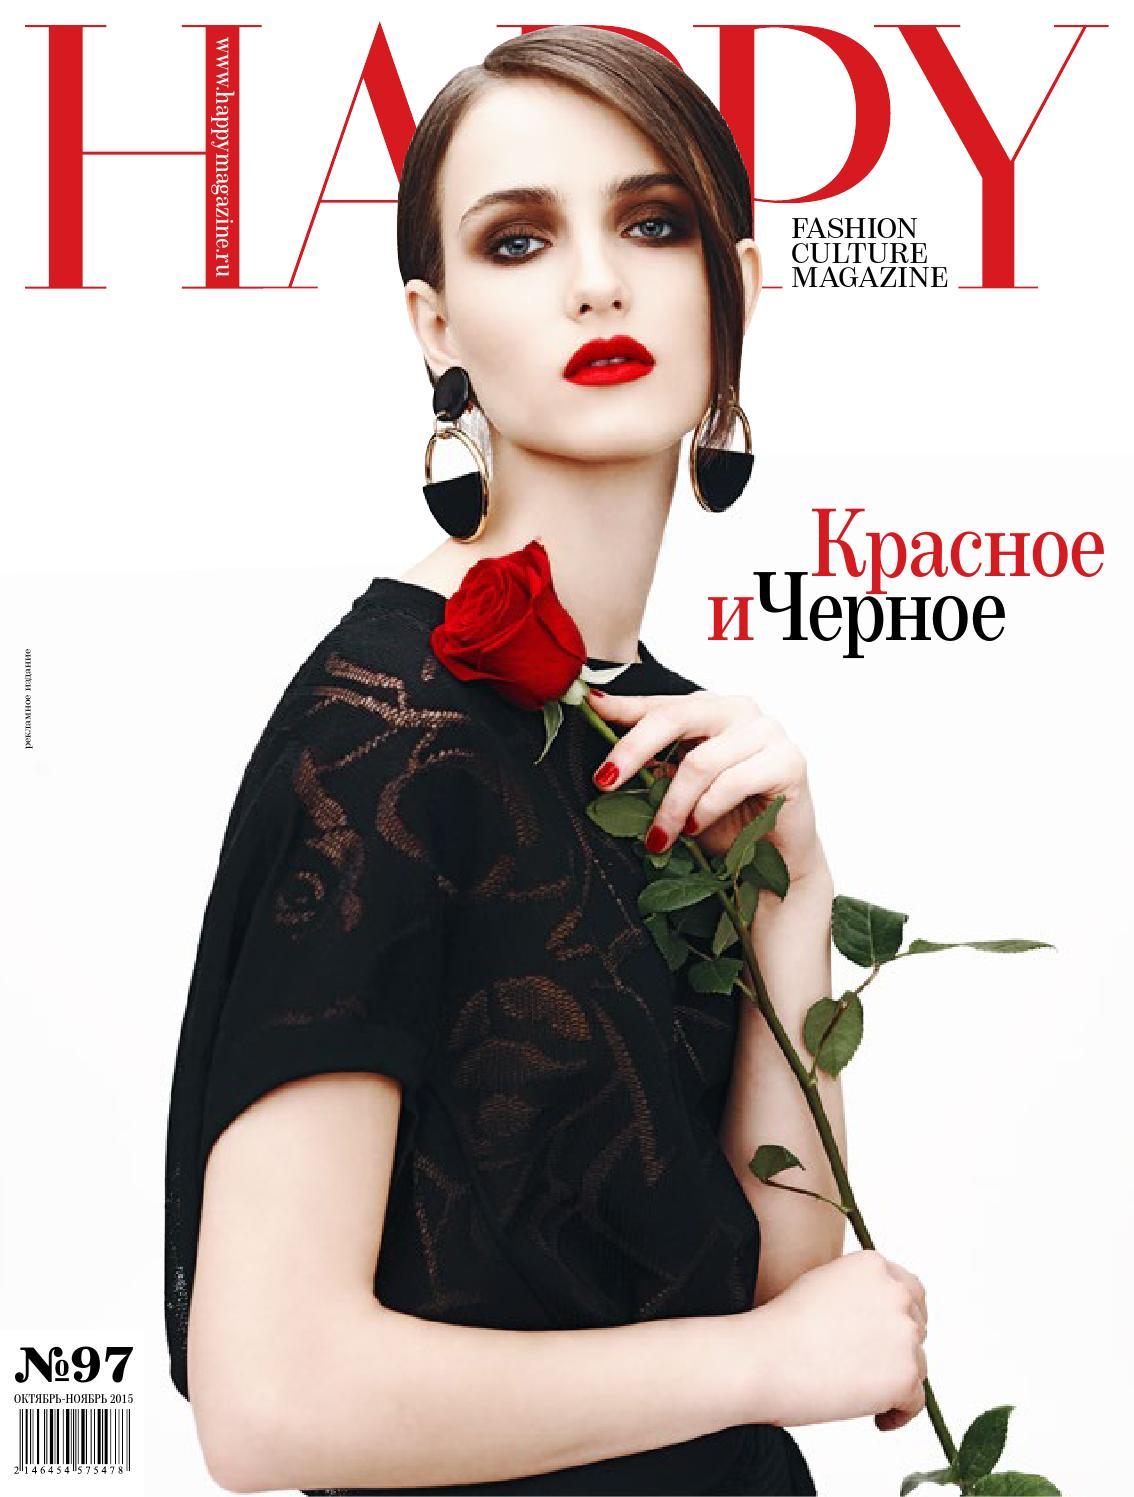 sarah el cultured magazine - 800×800